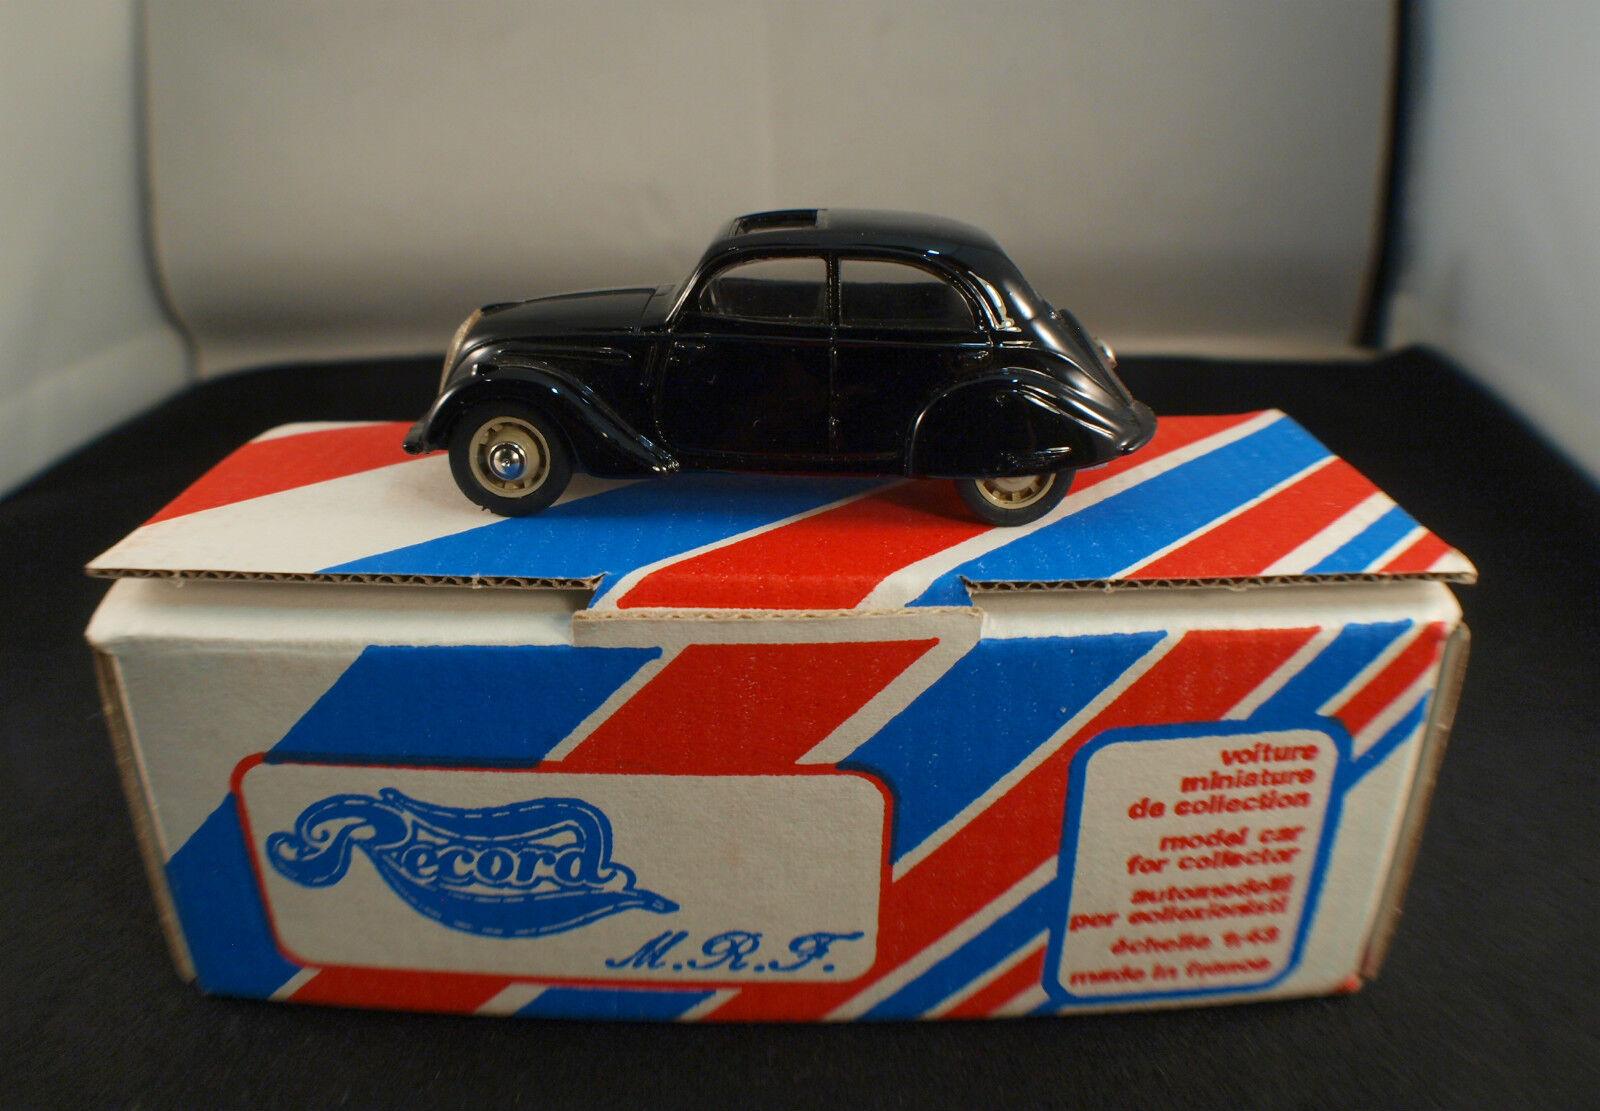 Record F Peugeot 202 Berline 1939 en boite Kit monté 1 43